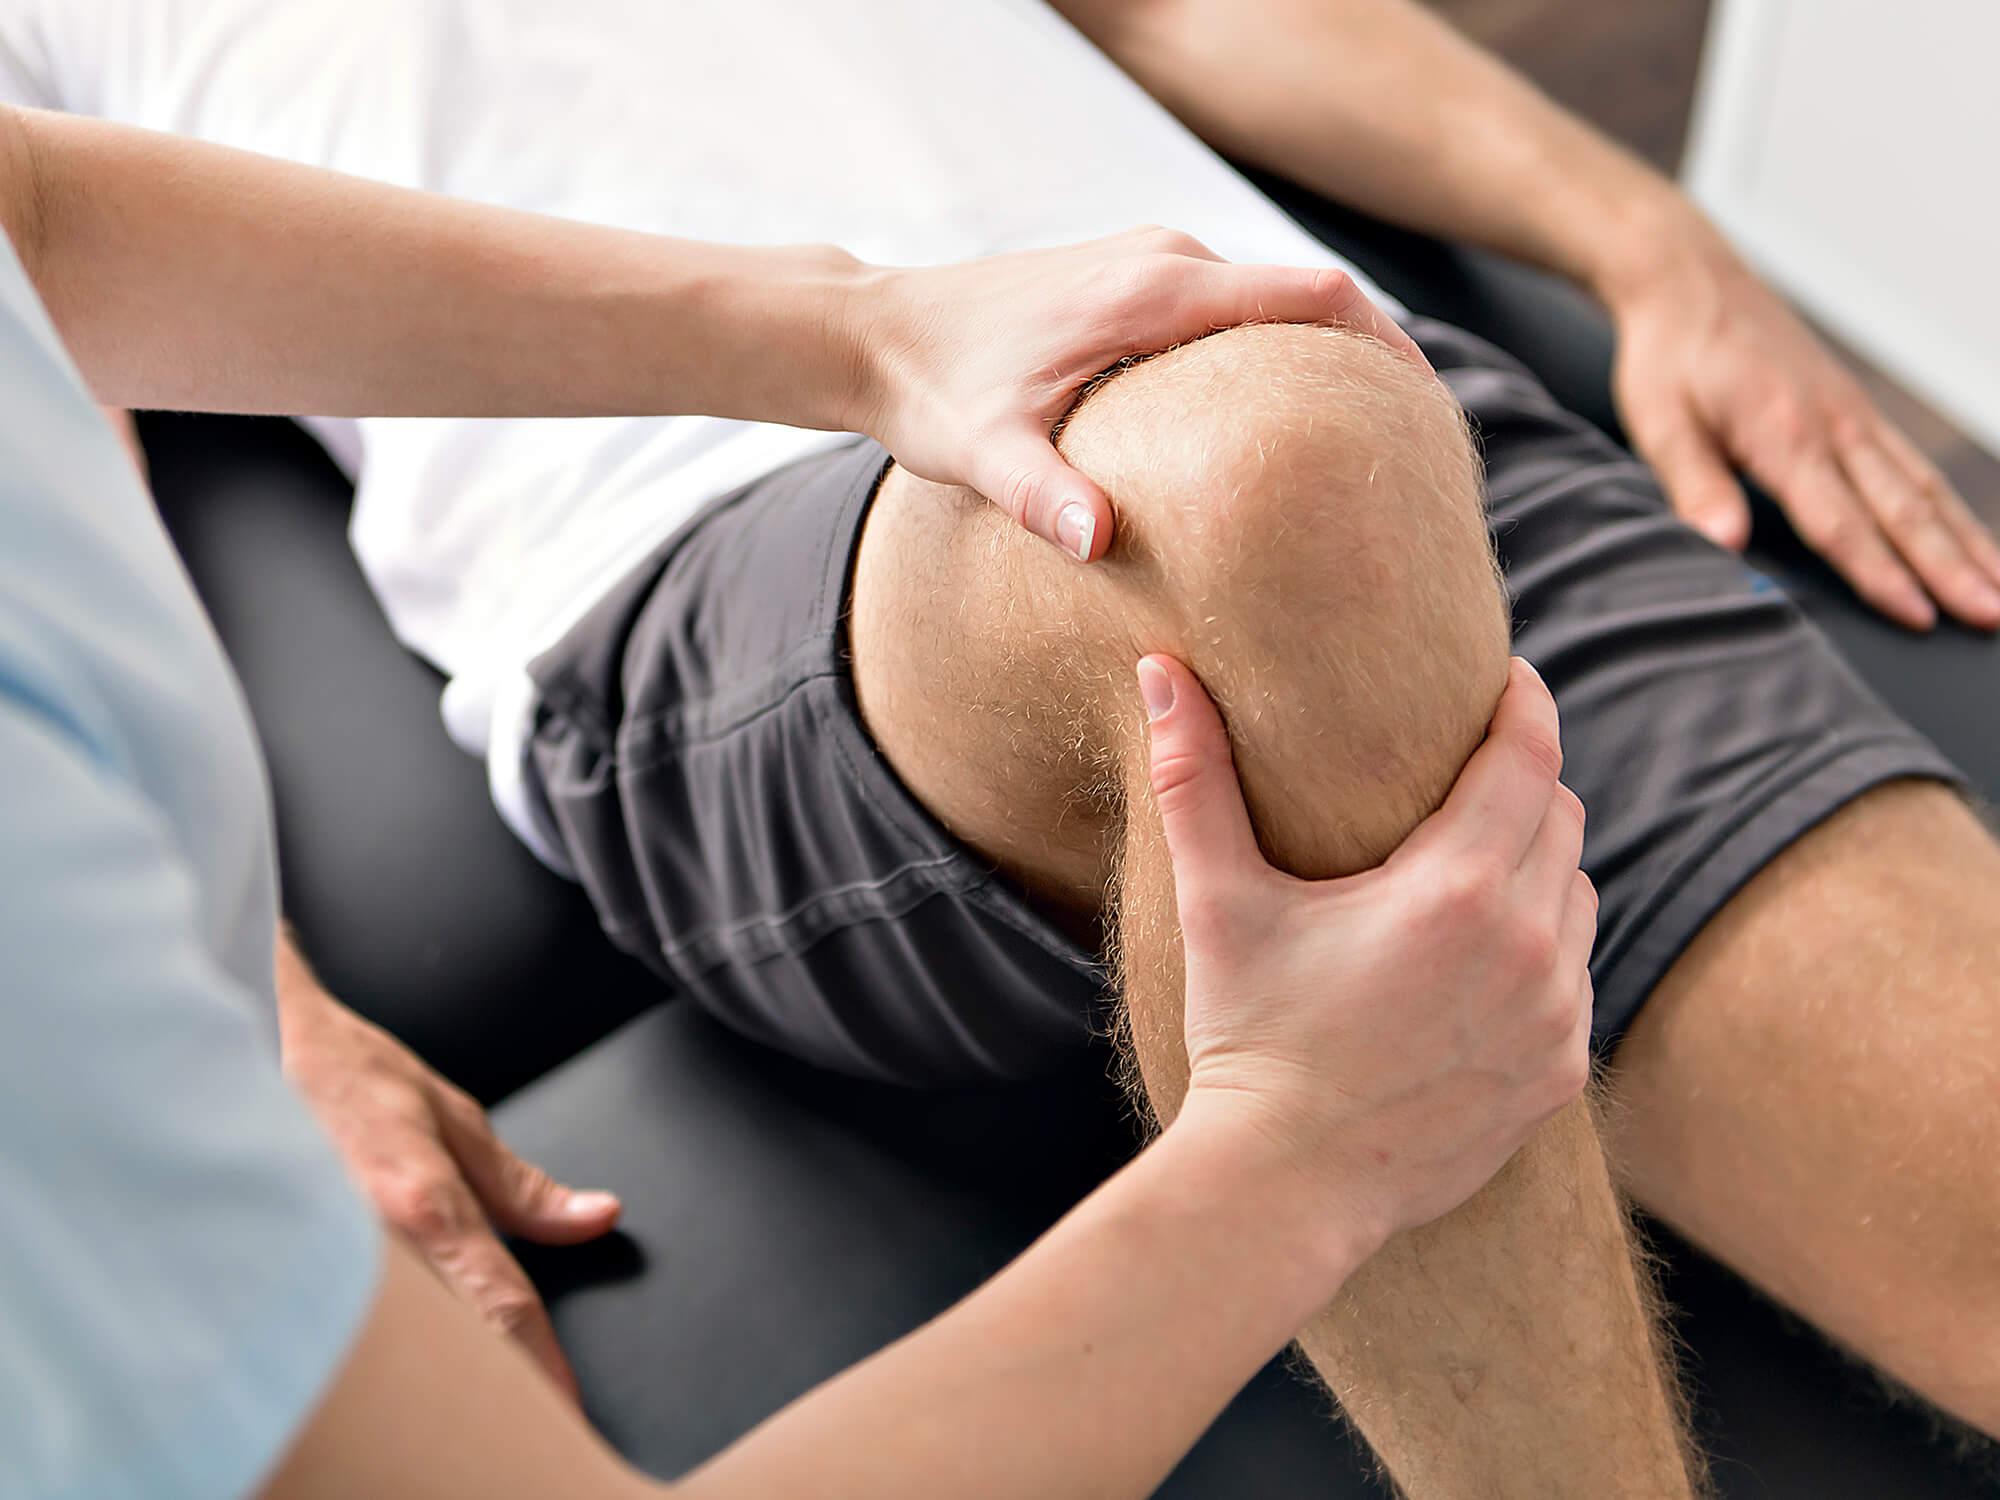 Knie bedeutung übers legen liihoecrafcont: Mann